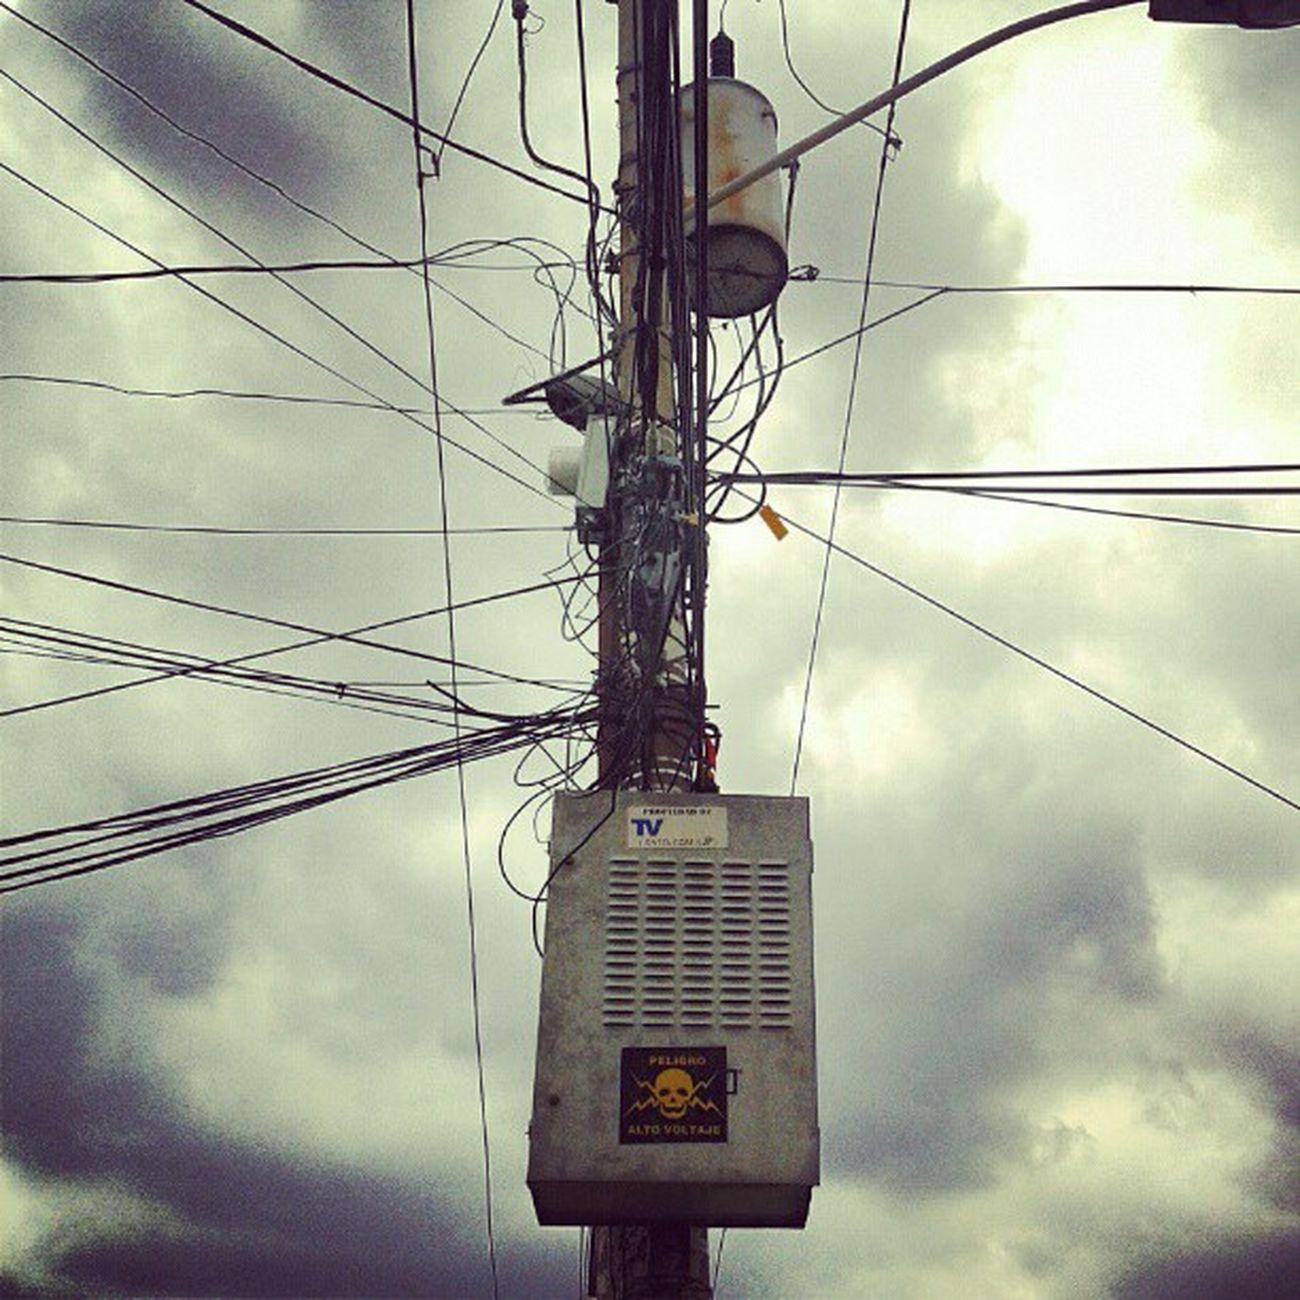 TVCABLE menos para tu vida Igers Ciudaddelafuria Instamood Instagood Guayaquil Ecuador